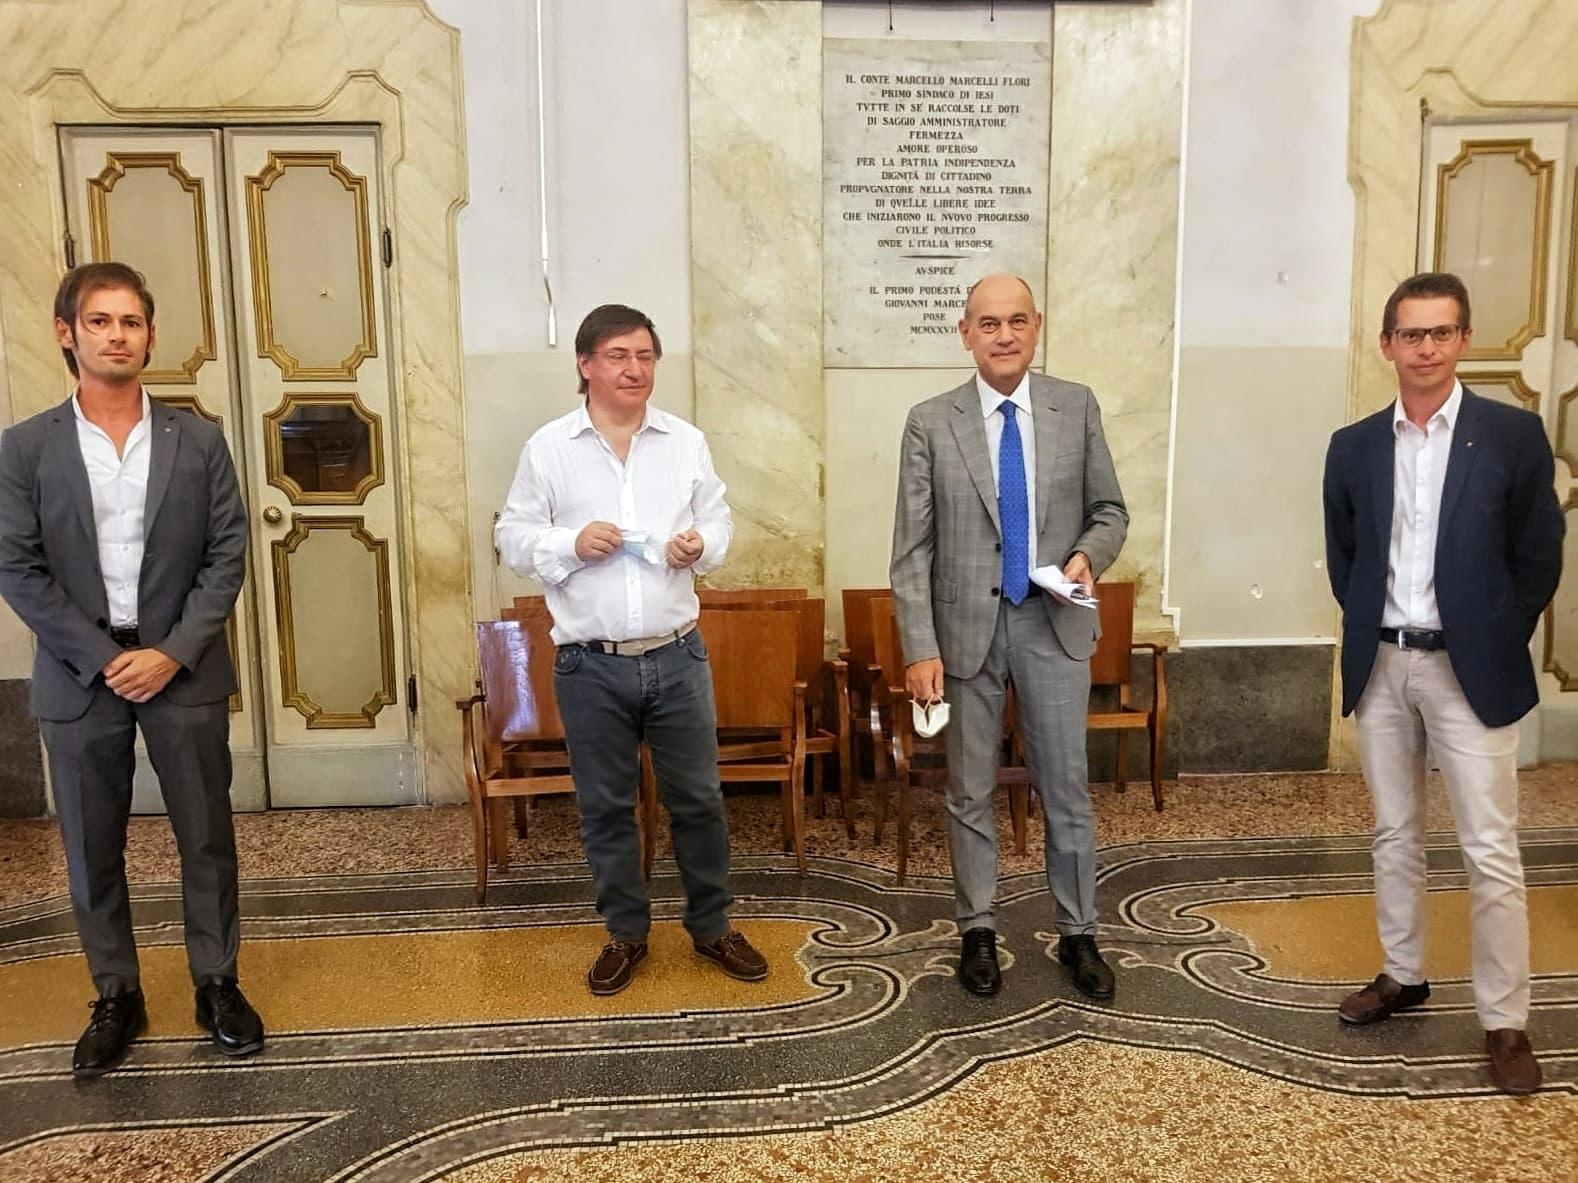 Conferenza stampa presso il comune di Jesi per presentare il programma dell'anno rotariano 2020/2021.